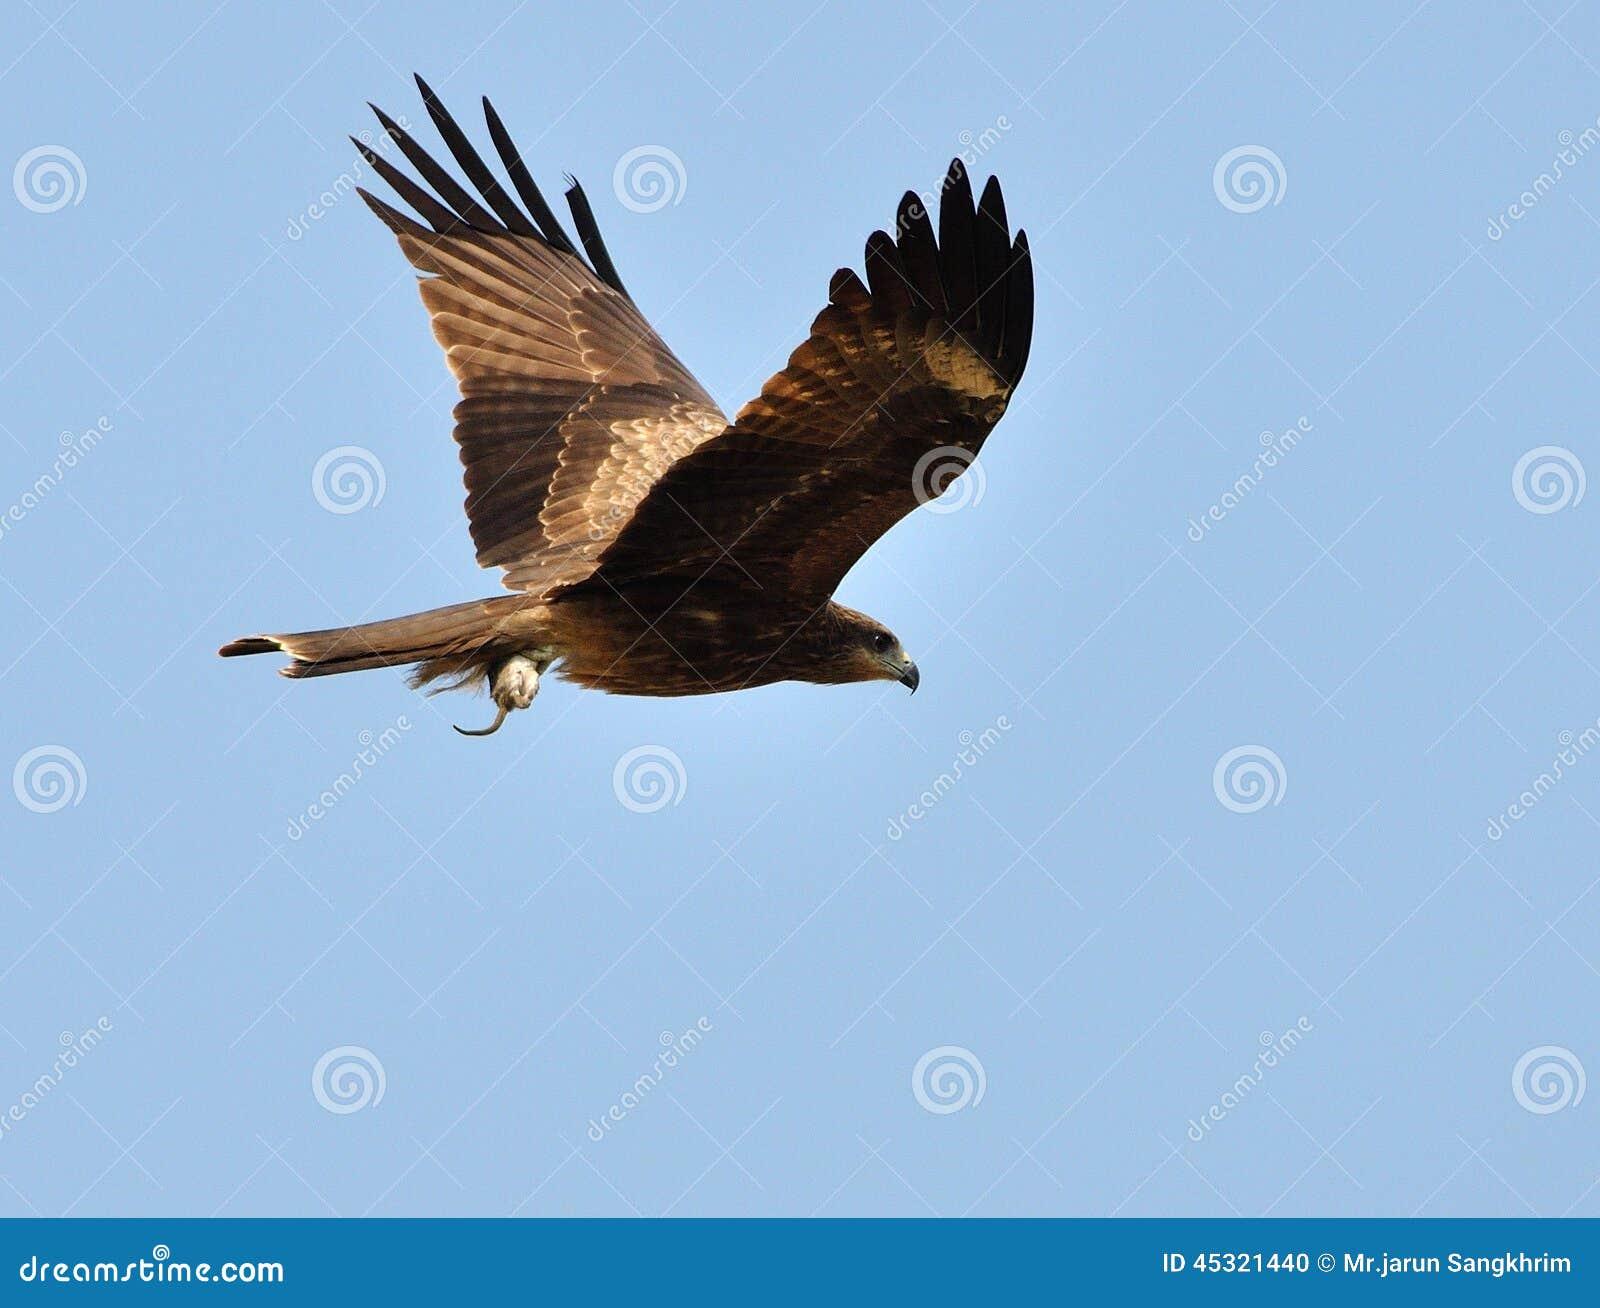 Black Kite Bird